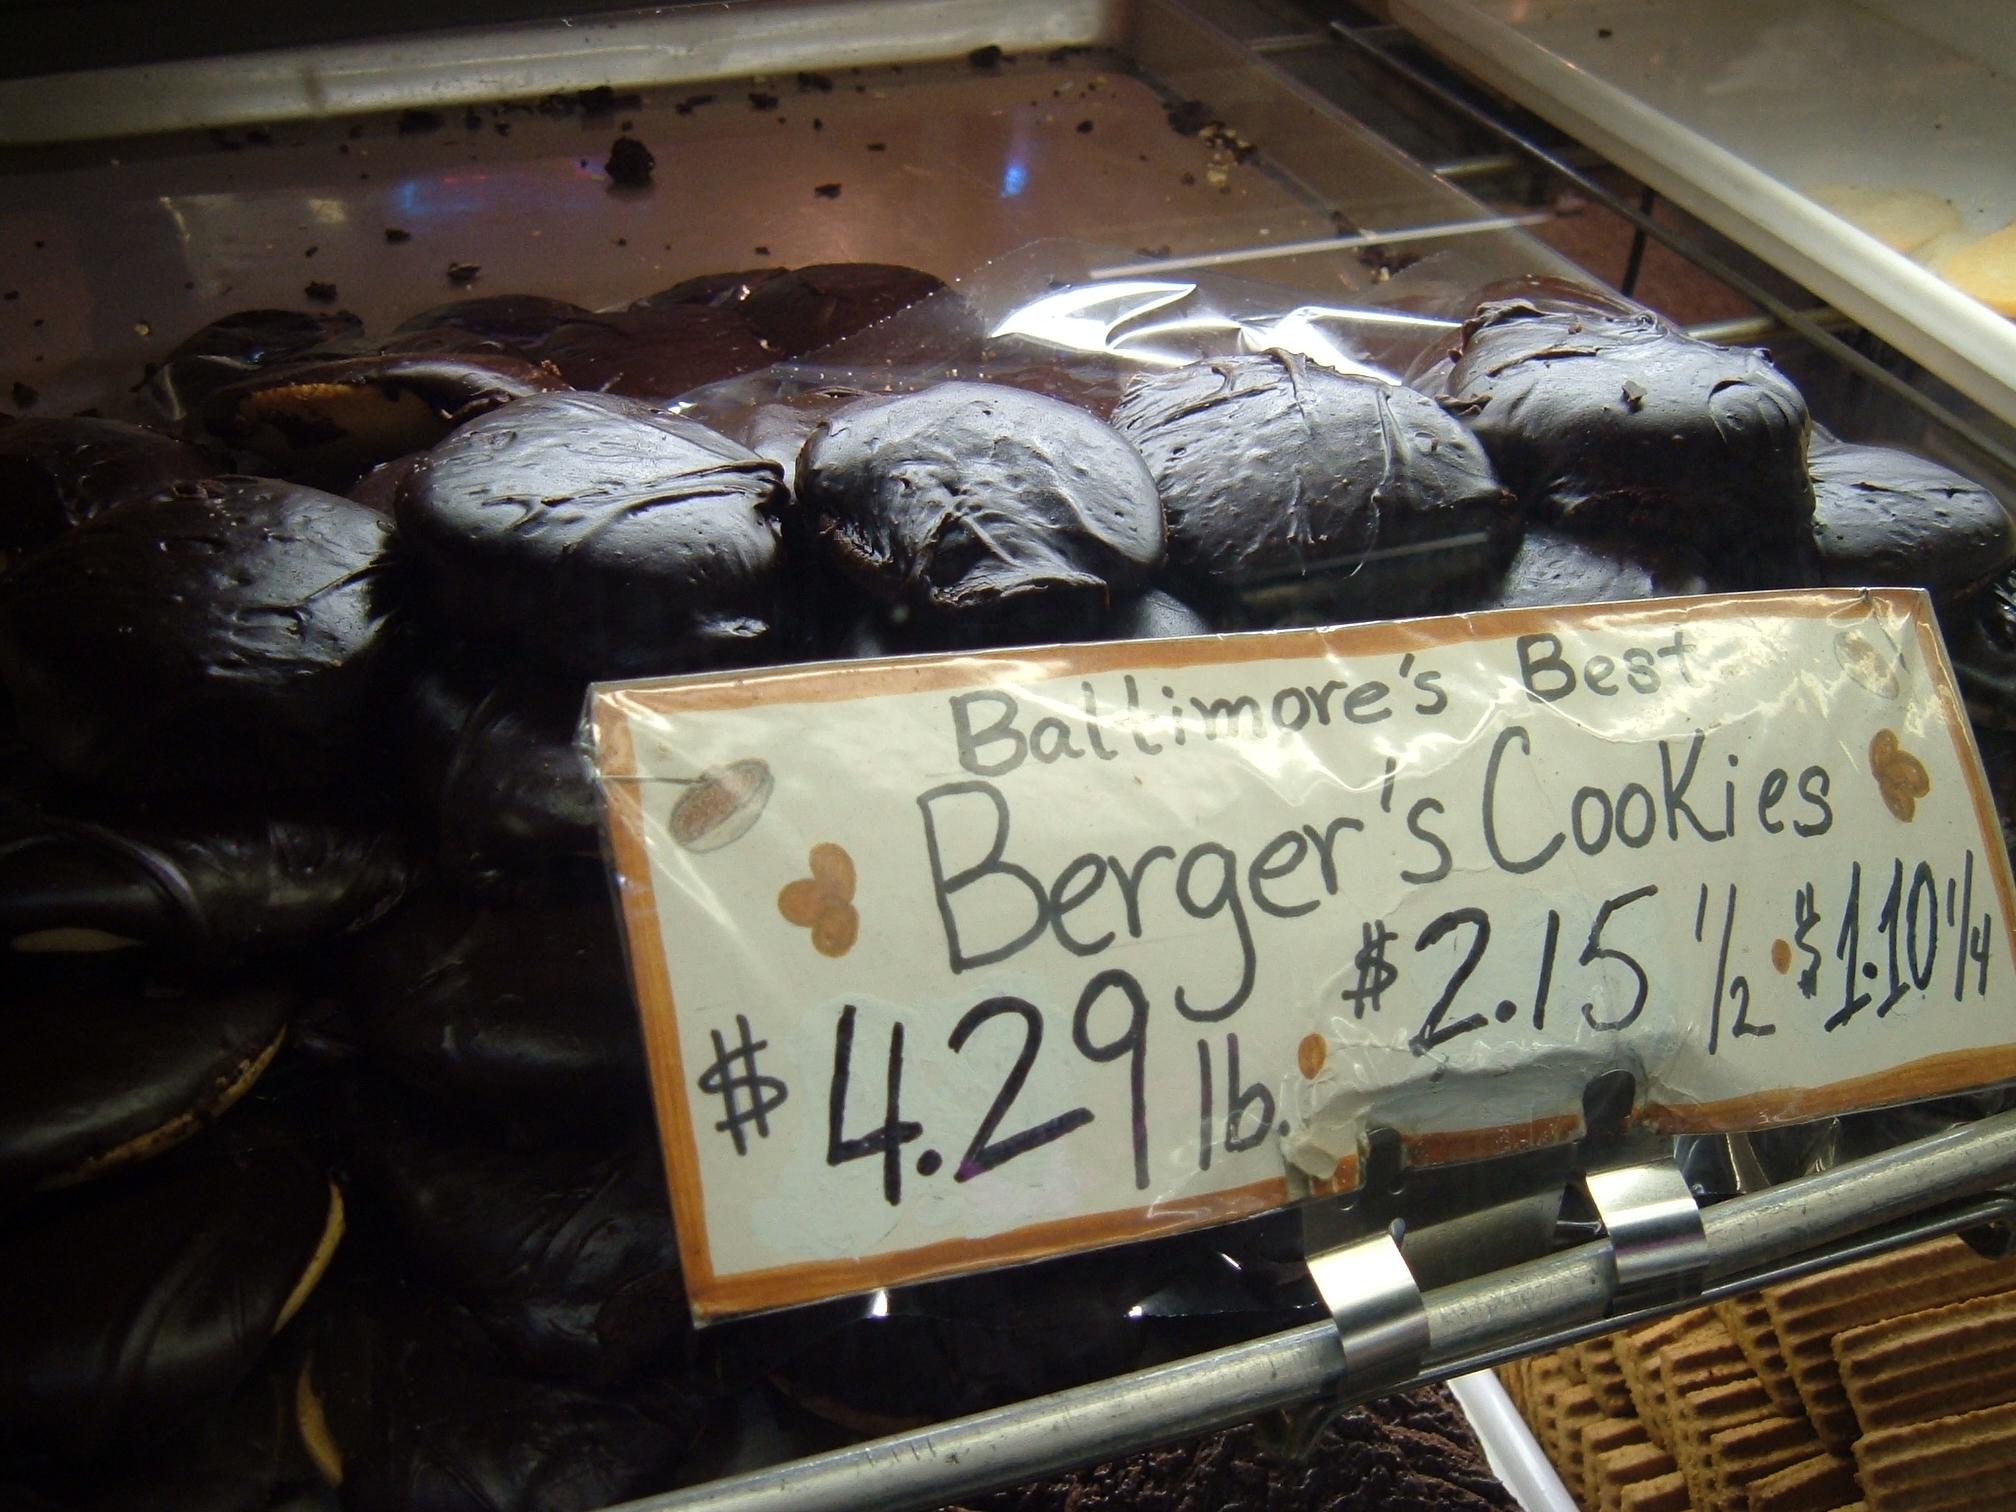 BergerCookies